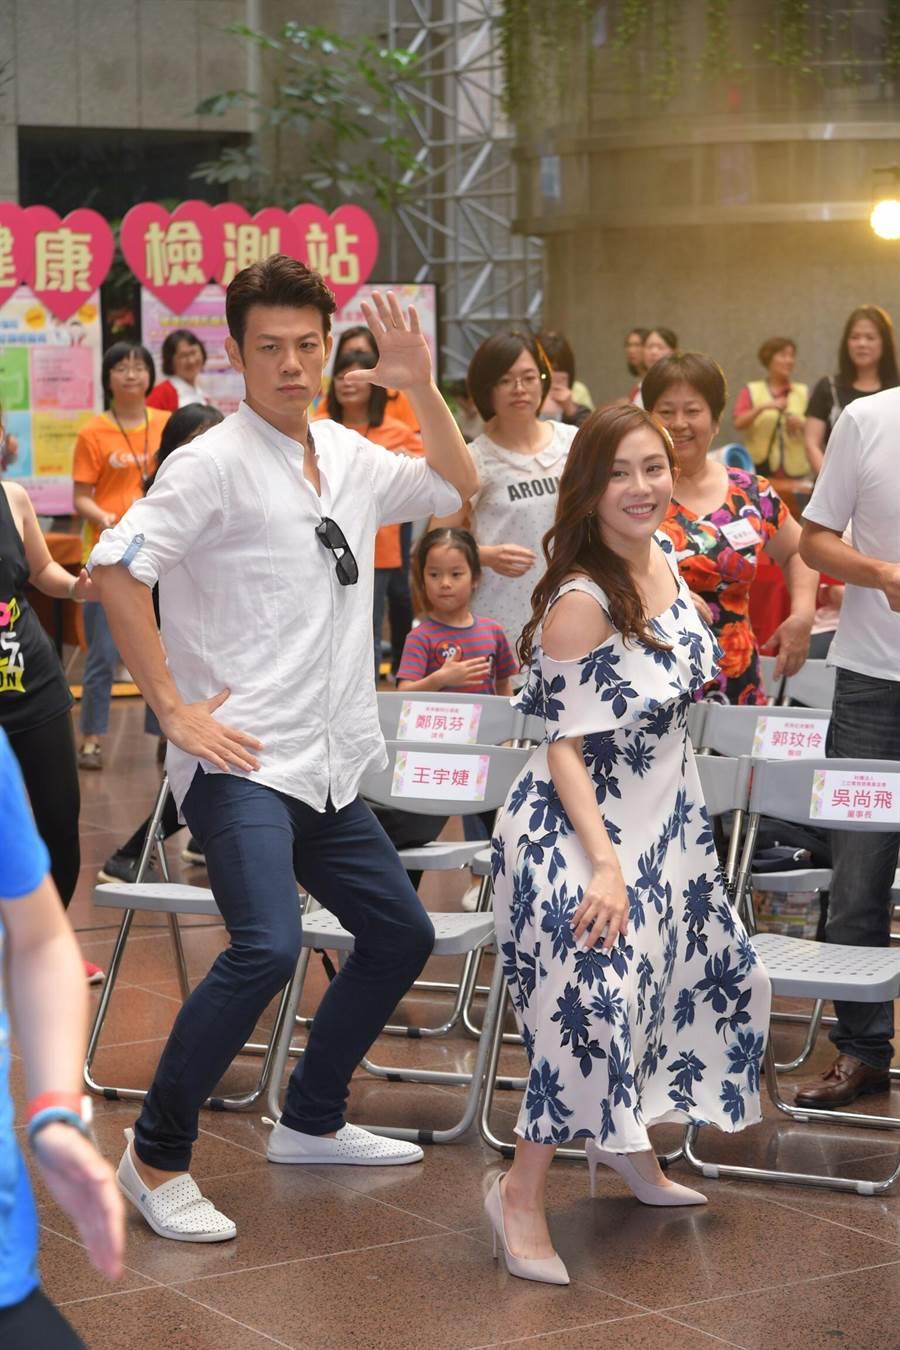 陳志強、王宇婕出席母親節公益活動陪媽媽們跳健康舞。(三立)